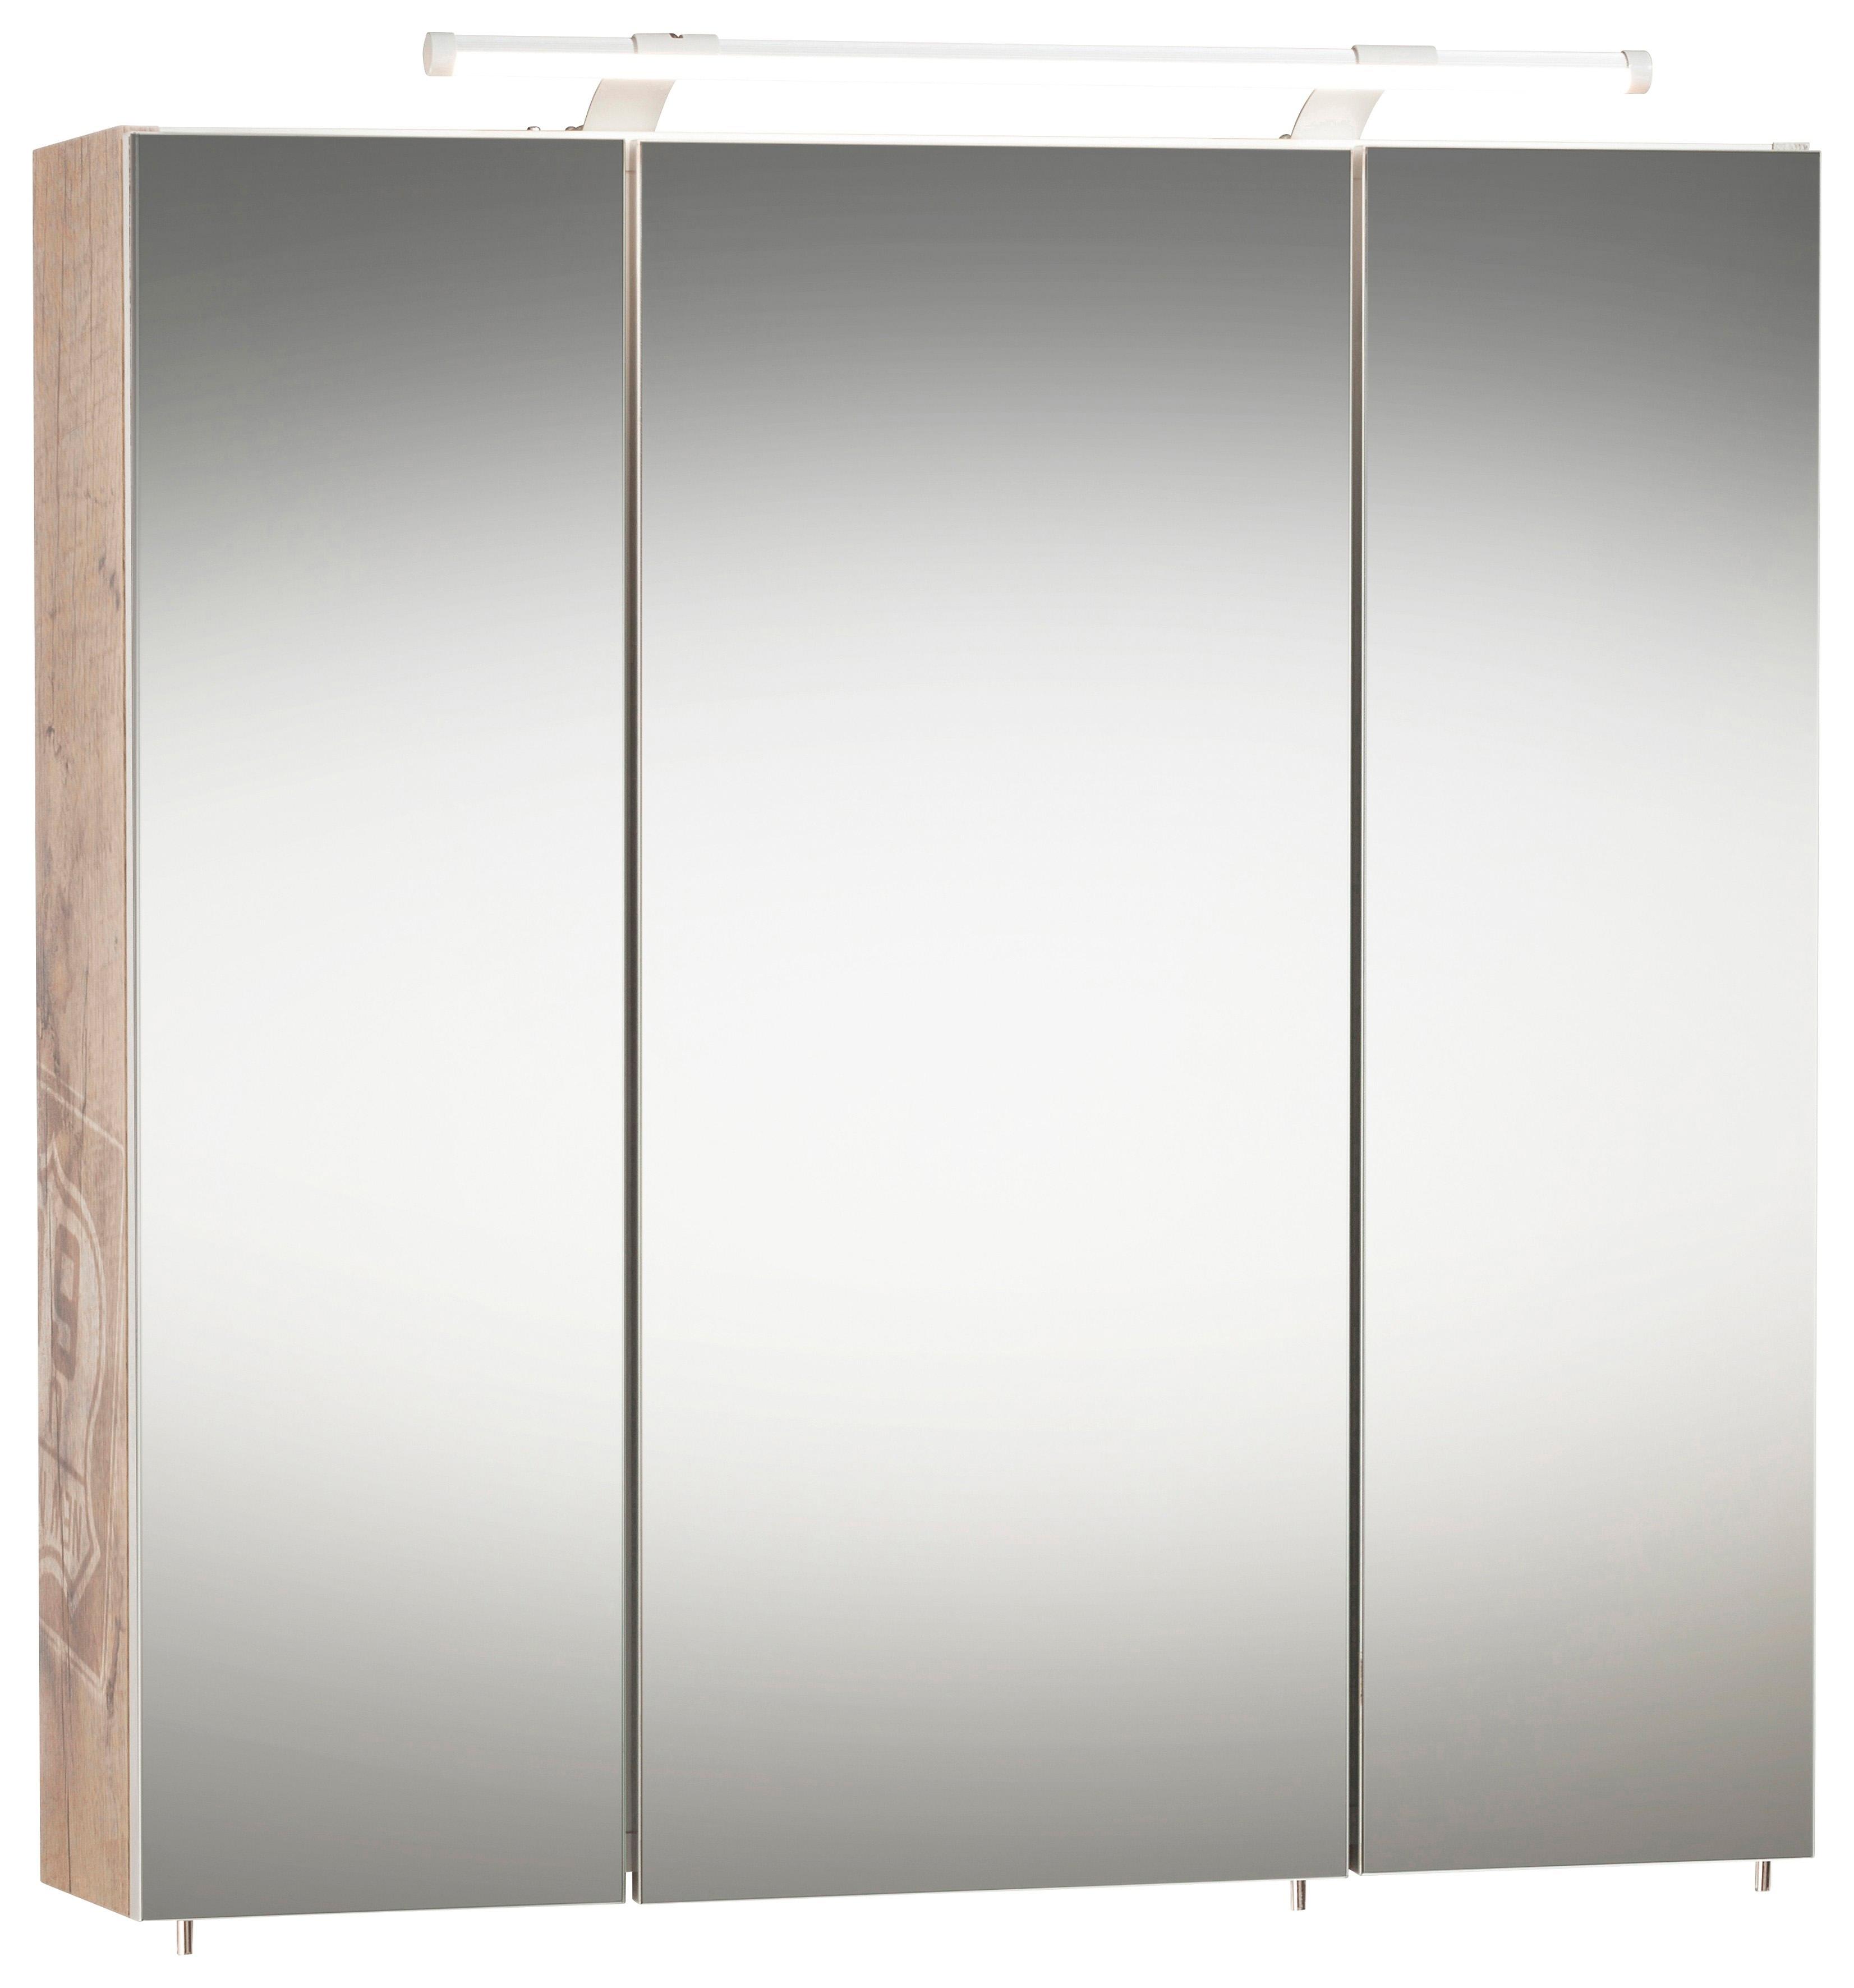 Schildmeyer spiegelkast Dorina Breedte 70 cm, 3-deurs, ledverlichting, schakelaar-/stekkerdoos, glasplateaus, Made in Germany - gratis ruilen op otto.nl